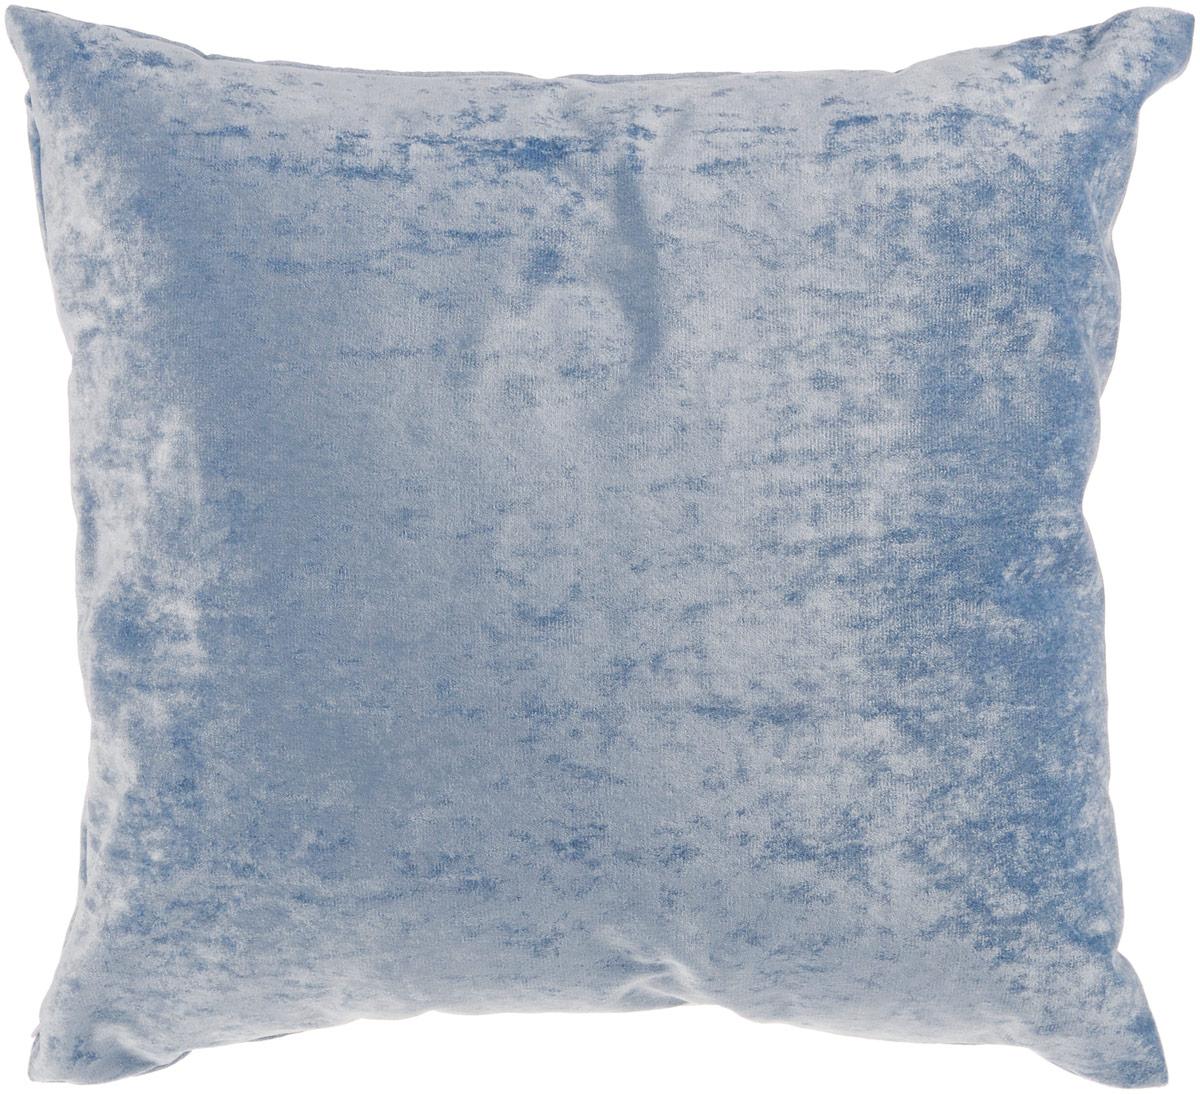 Подушка декоративная KauffOrt Бархат, цвет: голубой, 40 x 40 см17102024Декоративная подушка Бархат прекрасно дополнит интерьер спальни или гостиной. Бархатистый на ощупь чехол подушки выполнен из 49% вискозы, 42% хлопка и 9% полиэстера. Внутри находится мягкий наполнитель. Чехол легко снимается благодаря потайной молнии.Красивая подушка создаст атмосферу уюта и комфорта в спальне и станет прекрасным элементом декора.